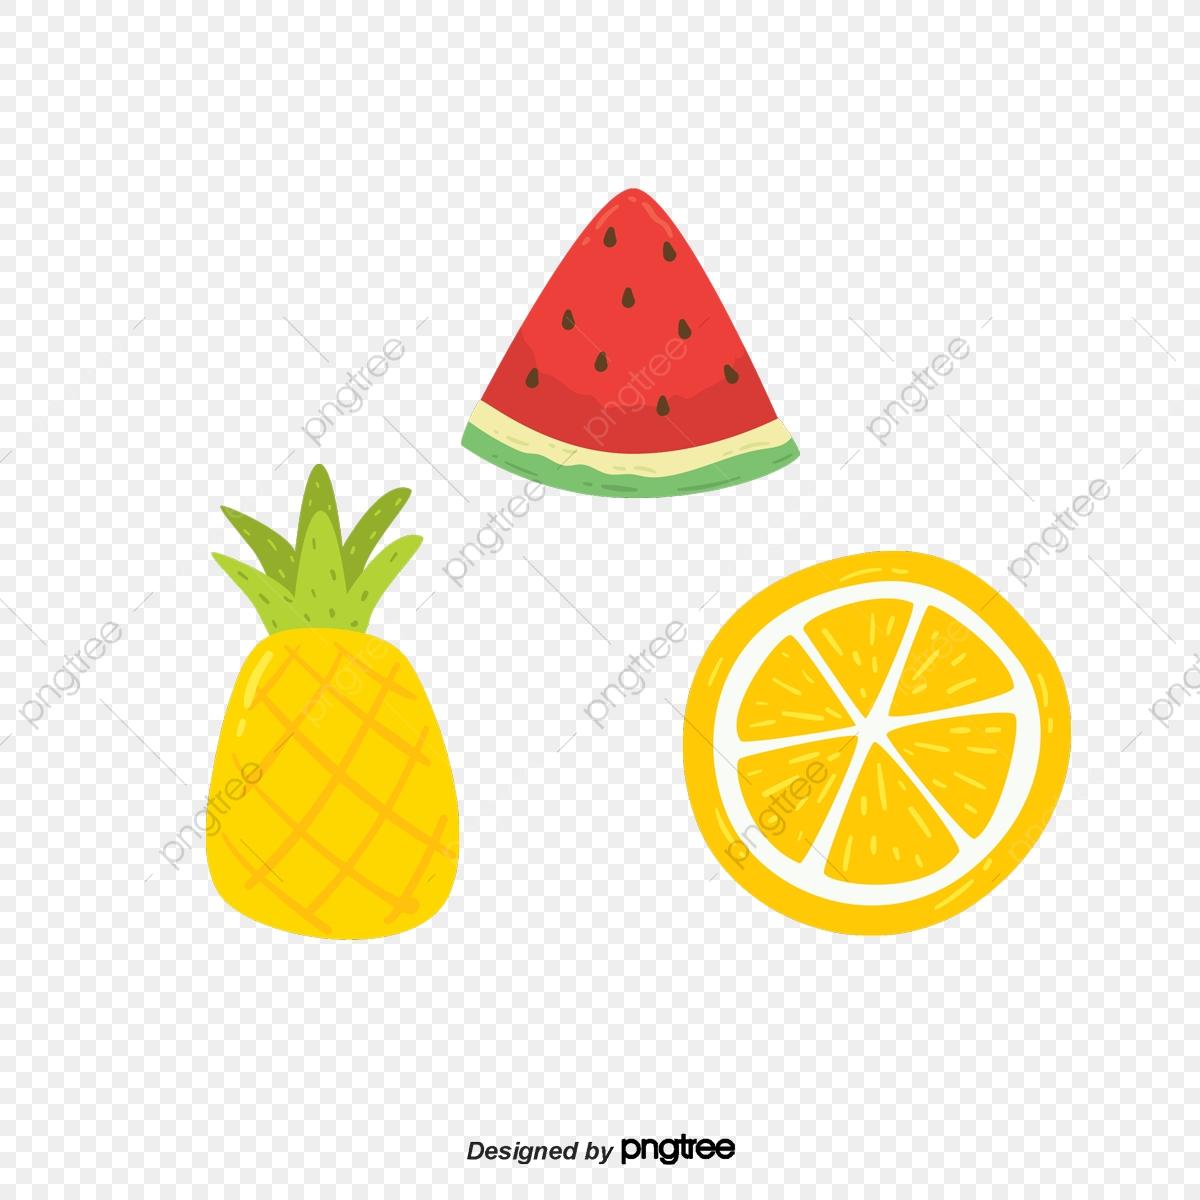 Desenhos De Frutas Cool Cartoon No Verao Arquivo Png E Psd Para